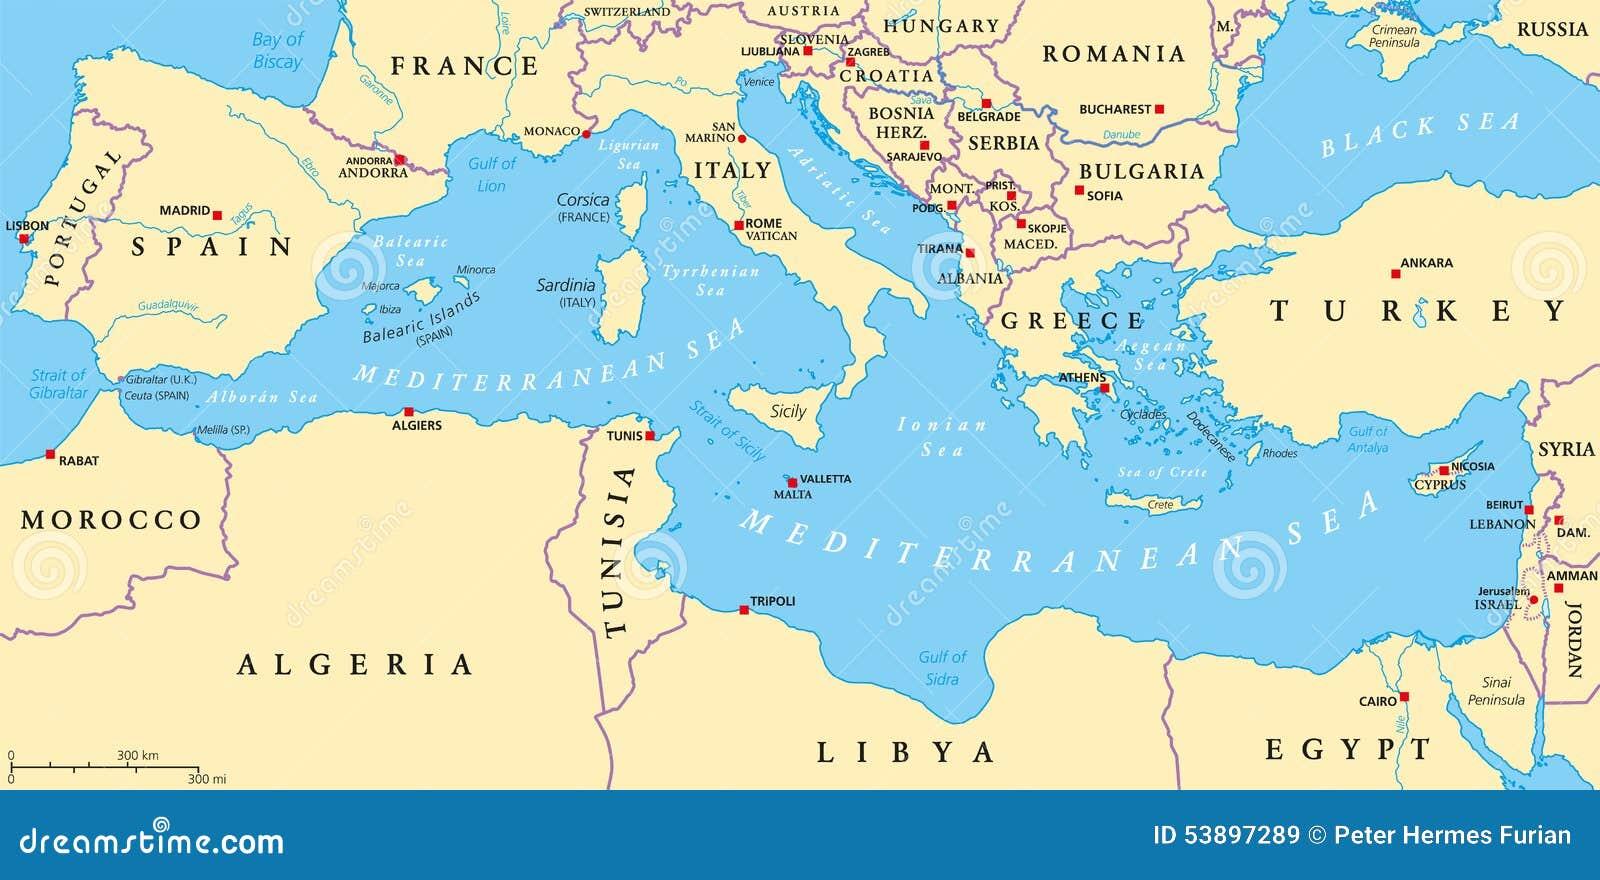 mapa do mediterraneo Mapa Político Da Região Do Mar Mediterrâneo Ilustração do Vetor  mapa do mediterraneo